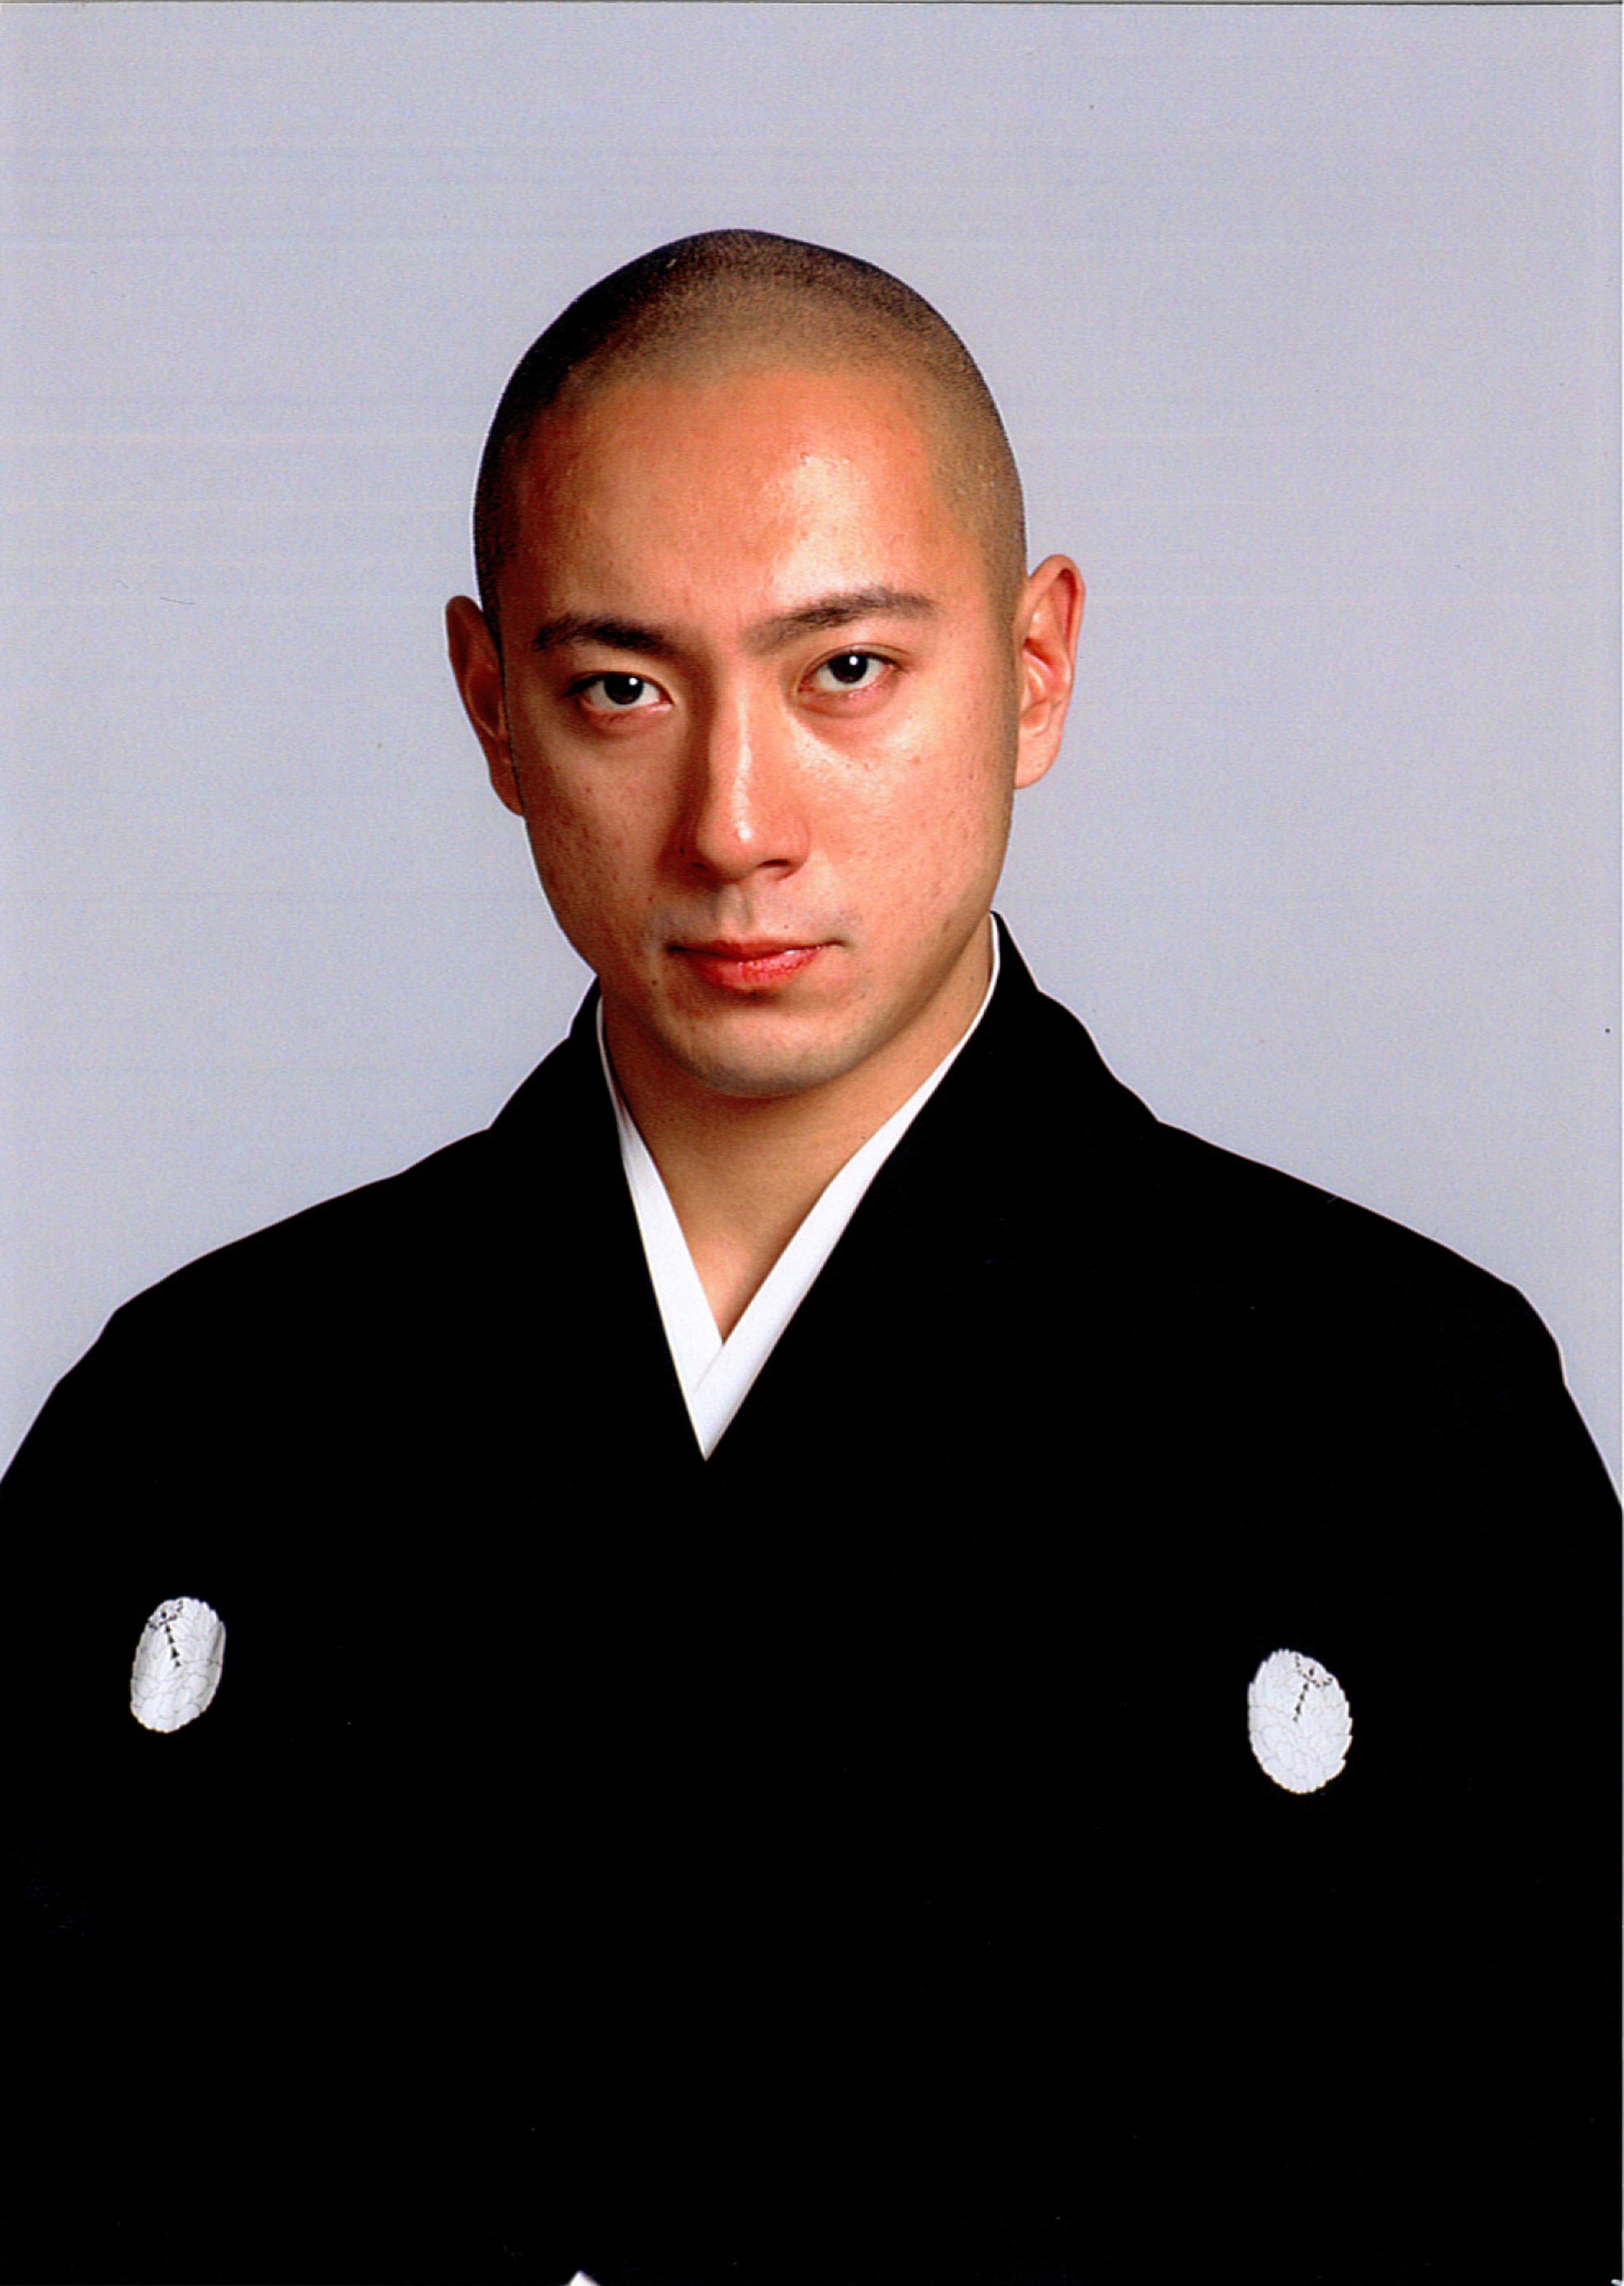 市川海老蔵さんの画像